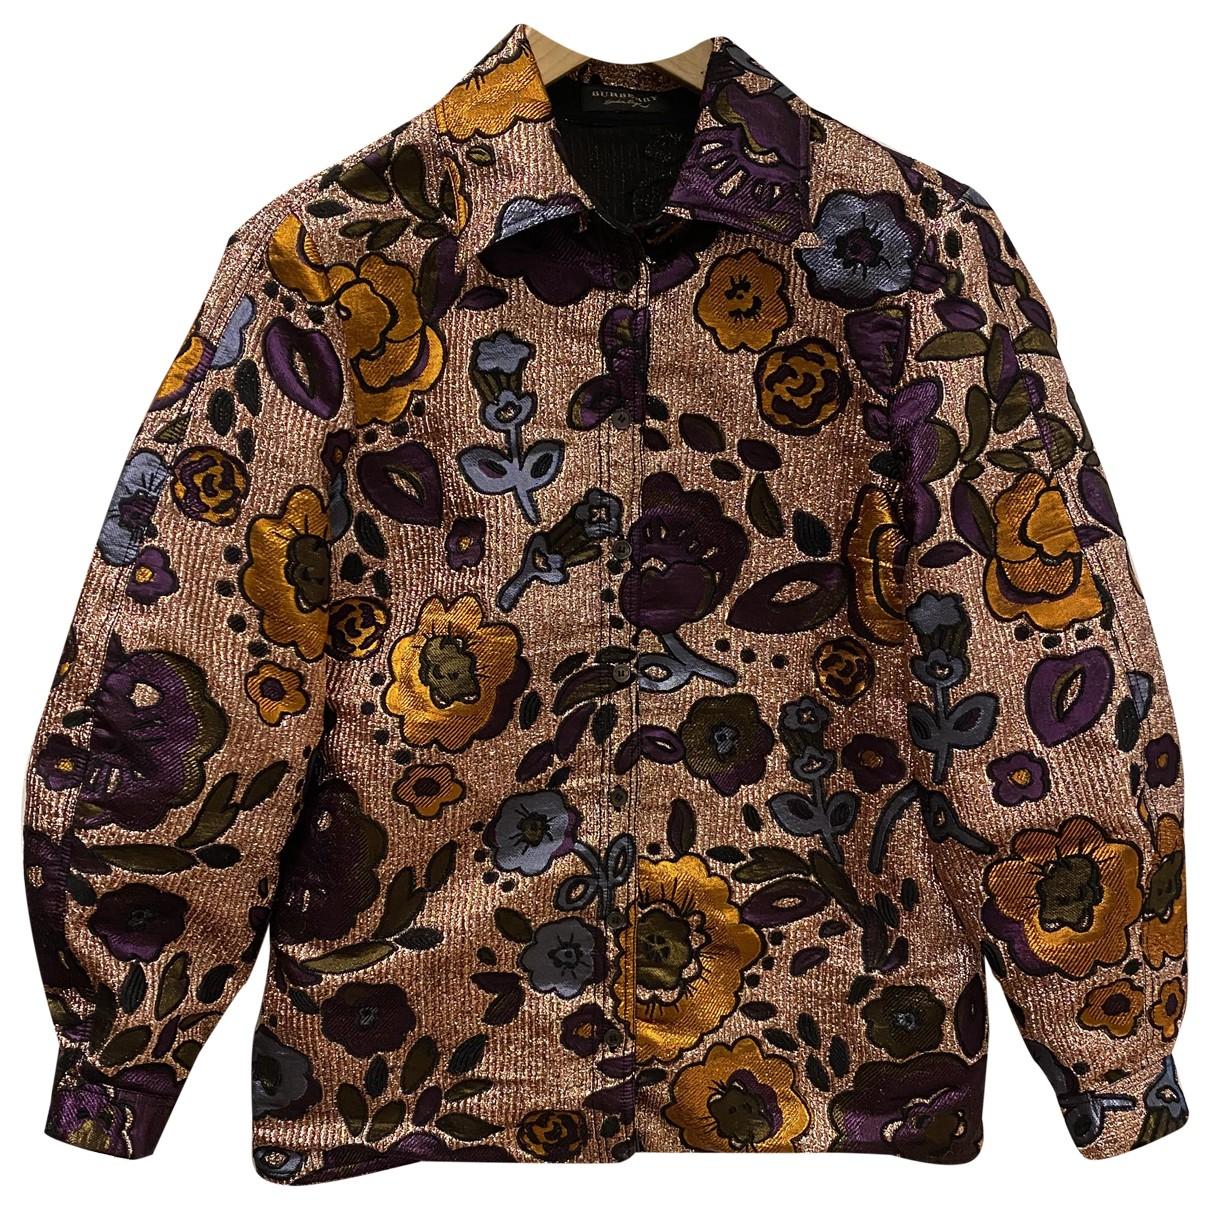 Burberry - Top   pour femme - multicolore